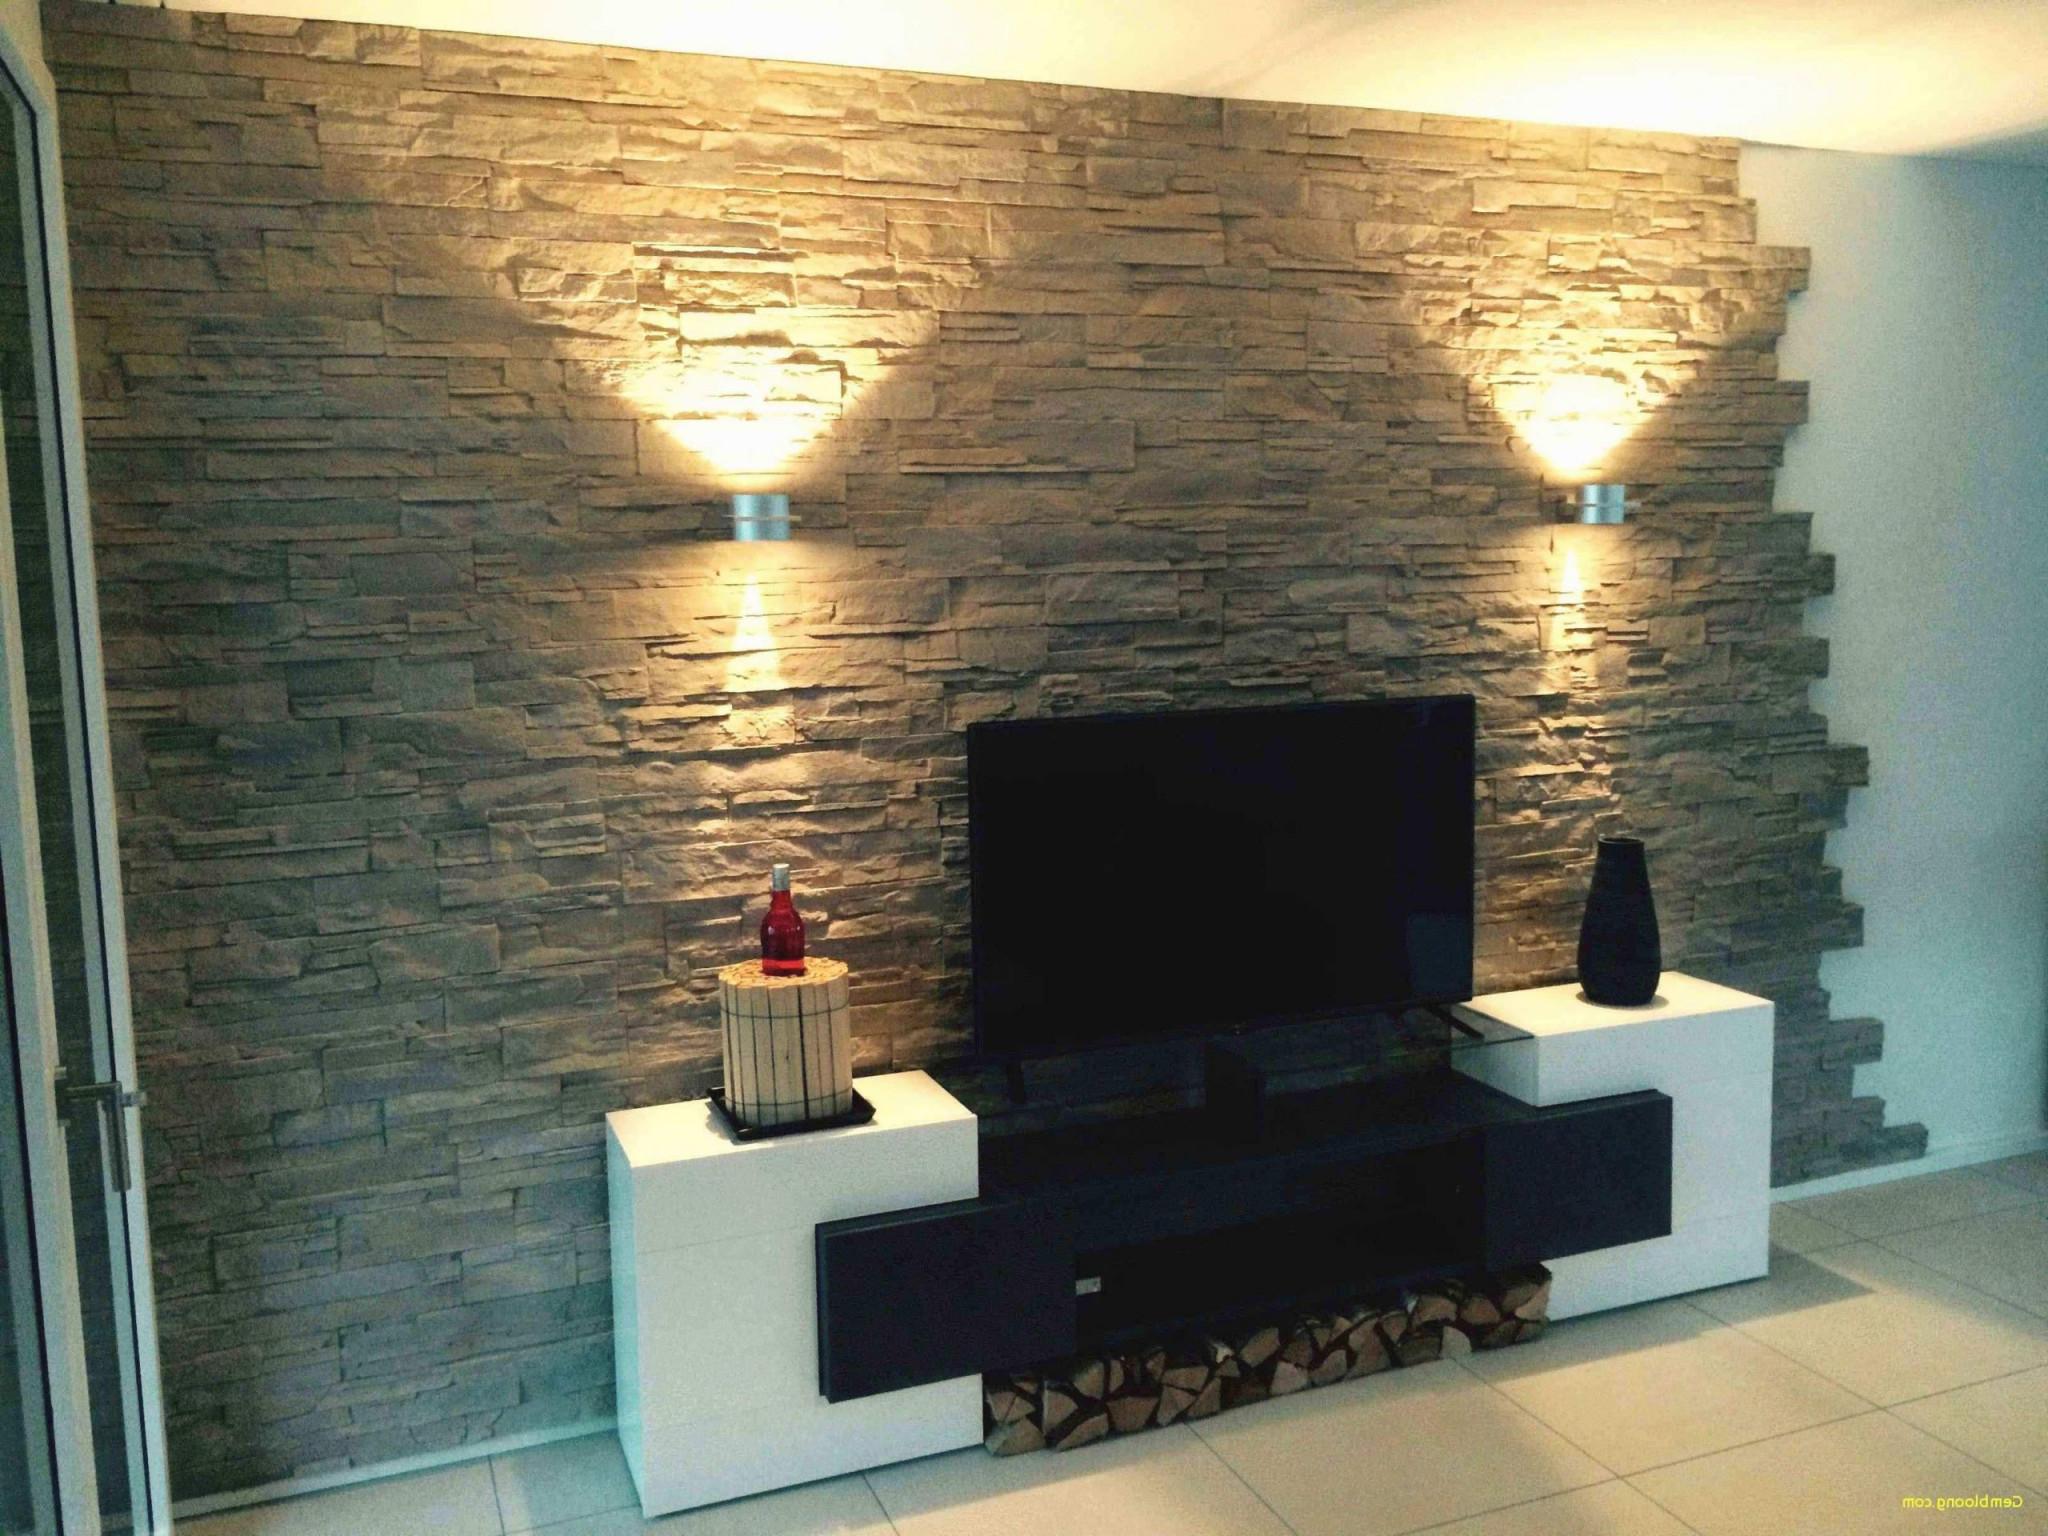 Wohnideen Wohnzimmer Modern Inspirierend Unique Wohnidee von Wohnideen Wohnzimmer Tapeten Bild